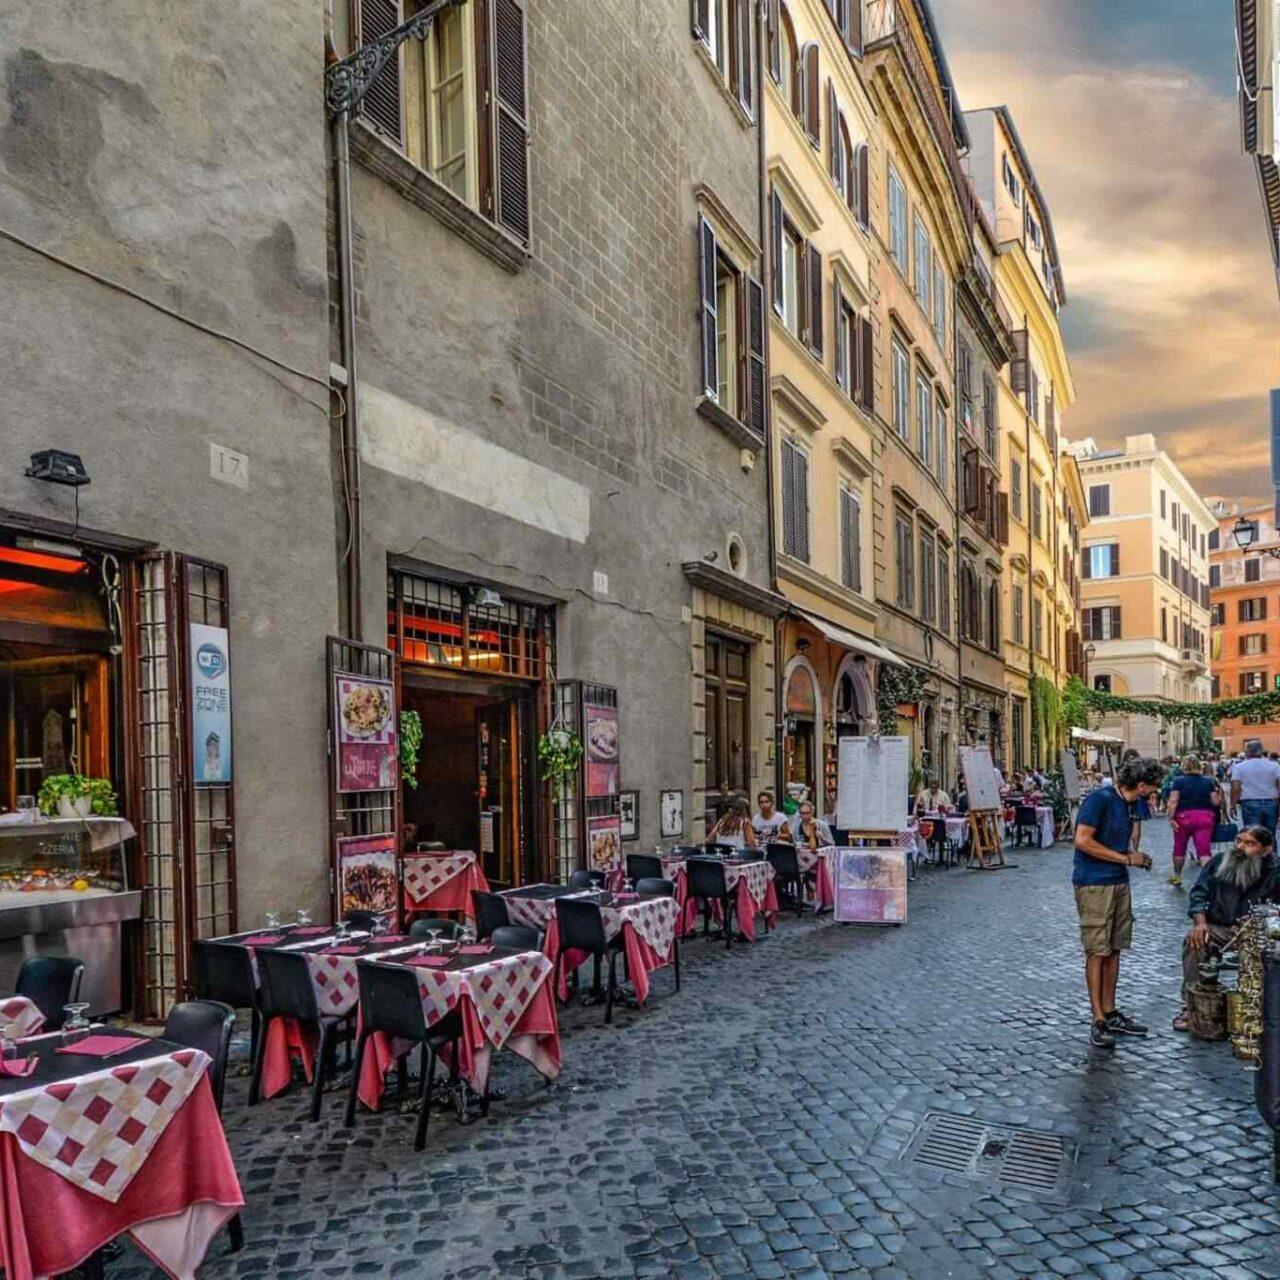 https://trustmark.org/wp-content/uploads/2017/10/restaurant-italian-6-1280x1280.jpg